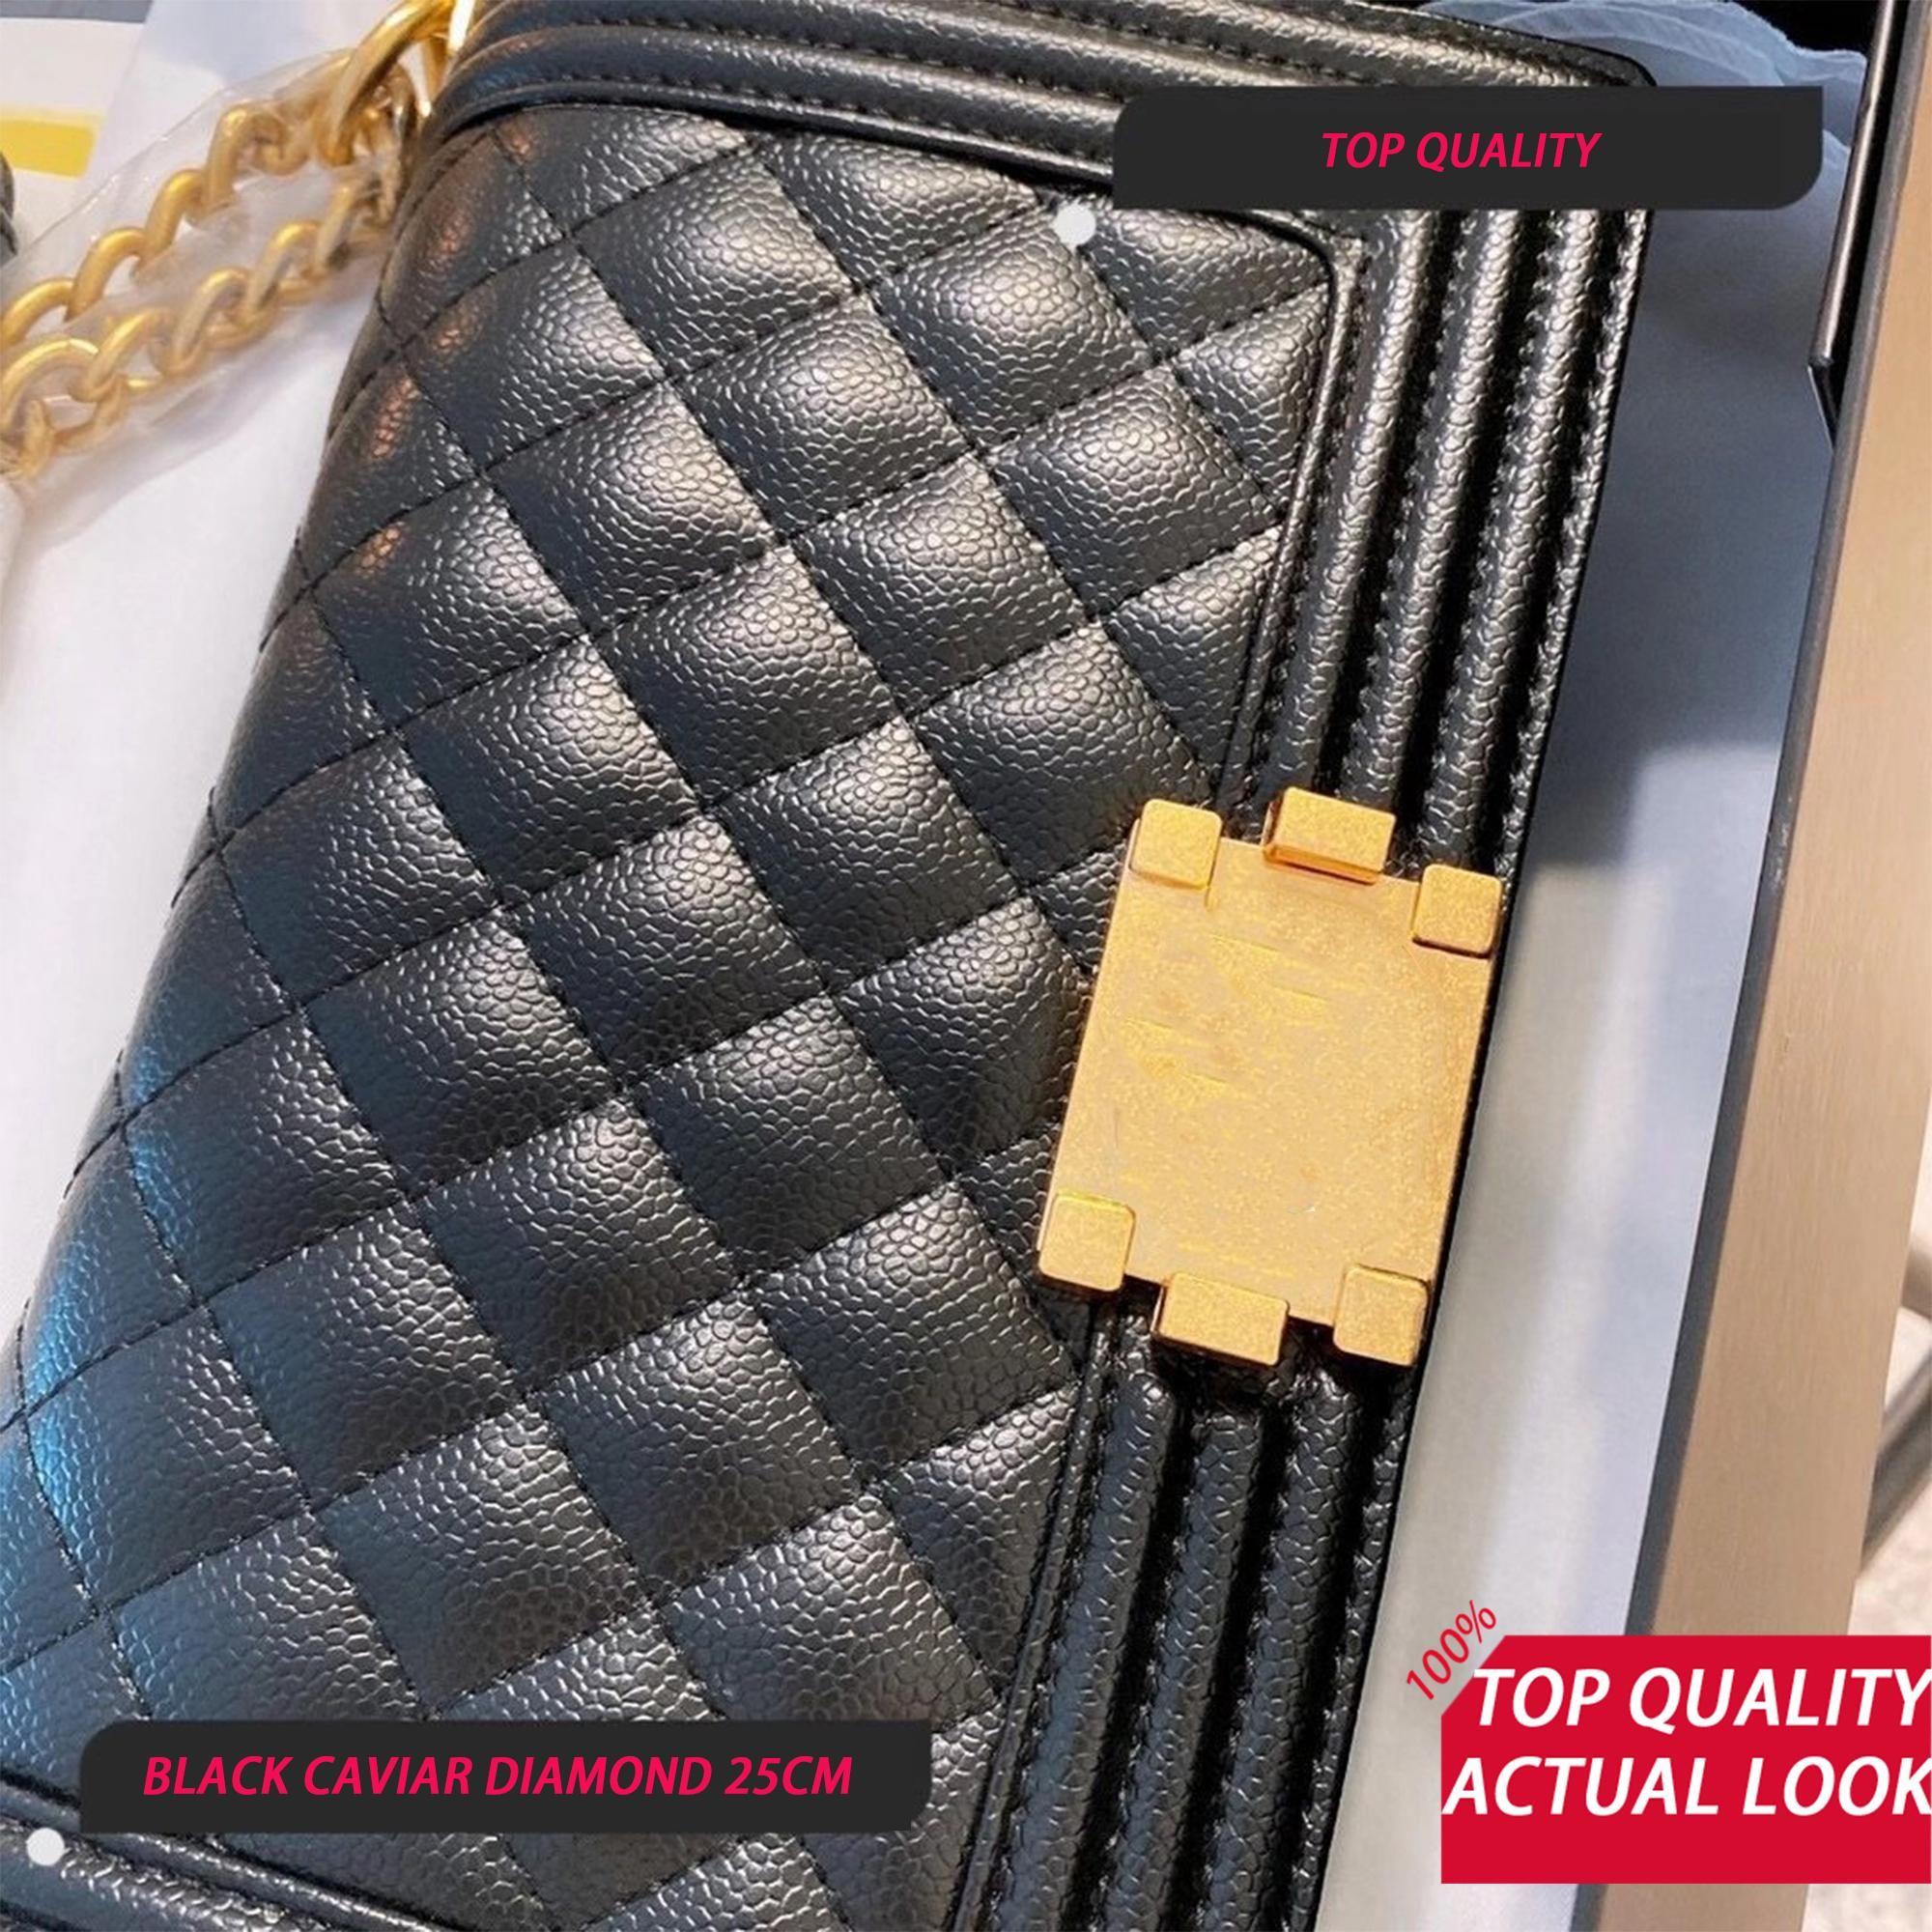 Satılan Luxurys Kalite Zincir Çanta CF Eboy Çanta Toptan Üst Çanta Crossbody Bayan Çanta 25 cm Sıcak Tasarımcılar Kadın Tasarımcılar Knjio